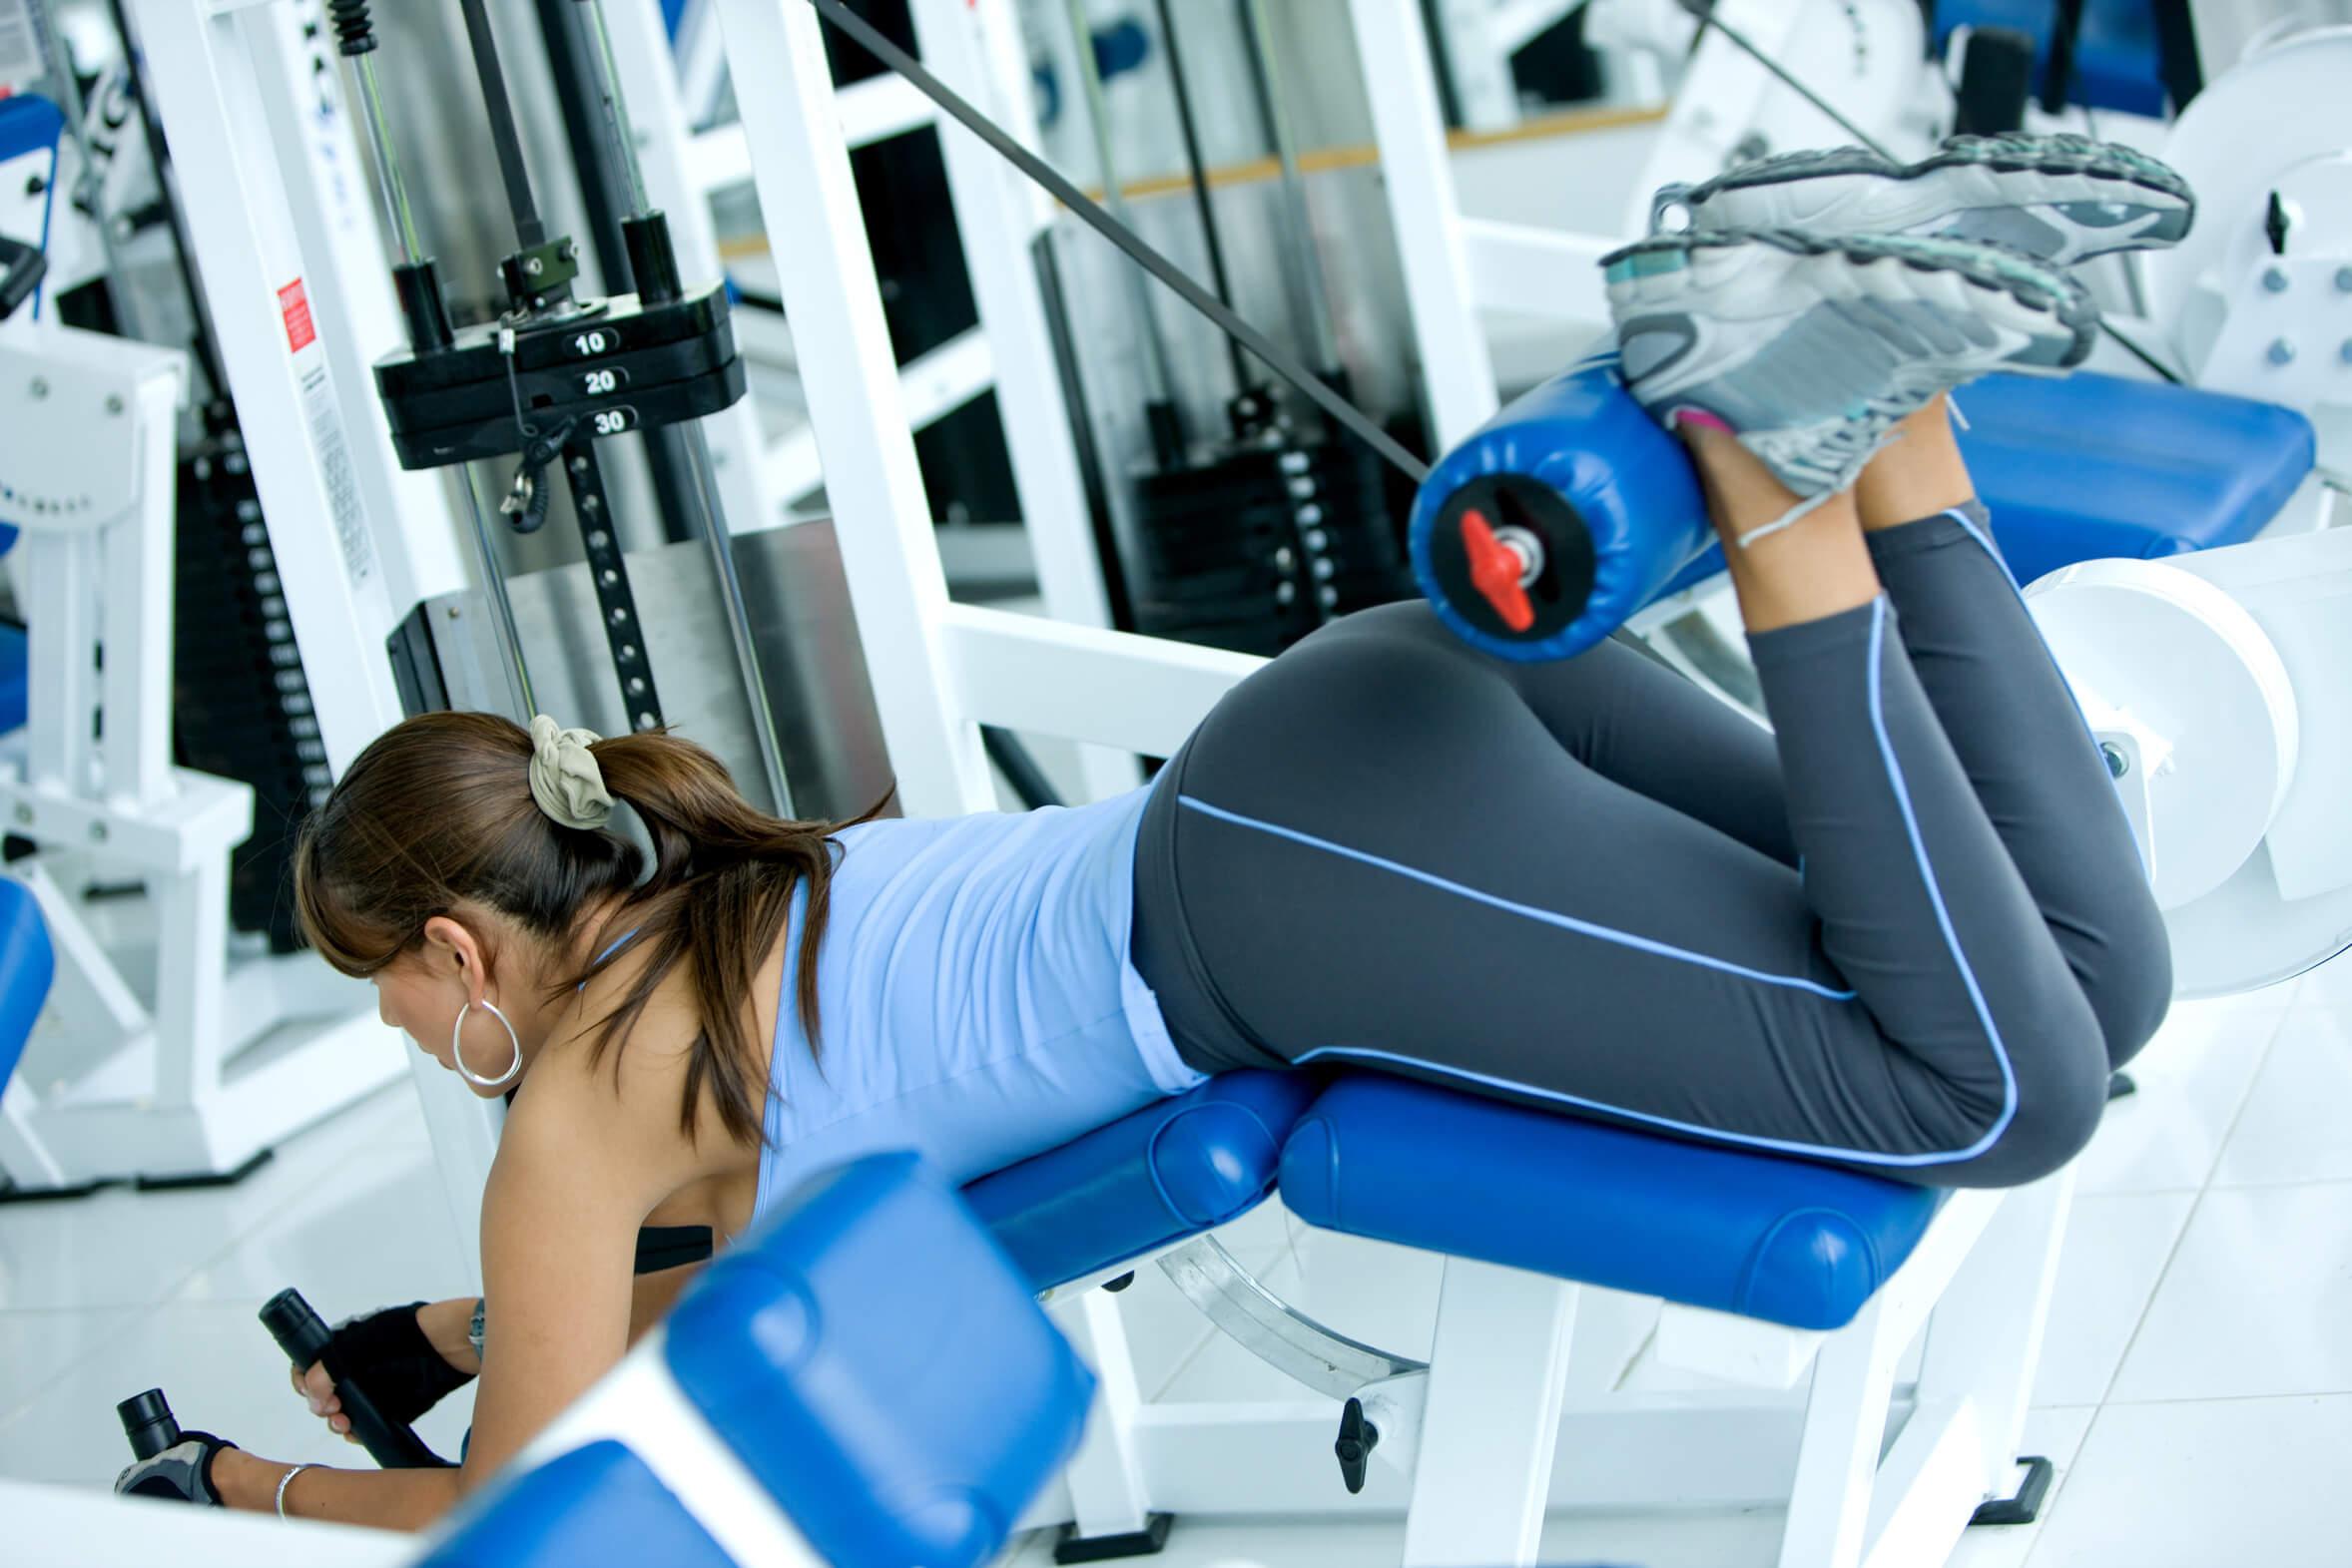 ćwiczenia na siłowni bez obciążania kręgosłupa